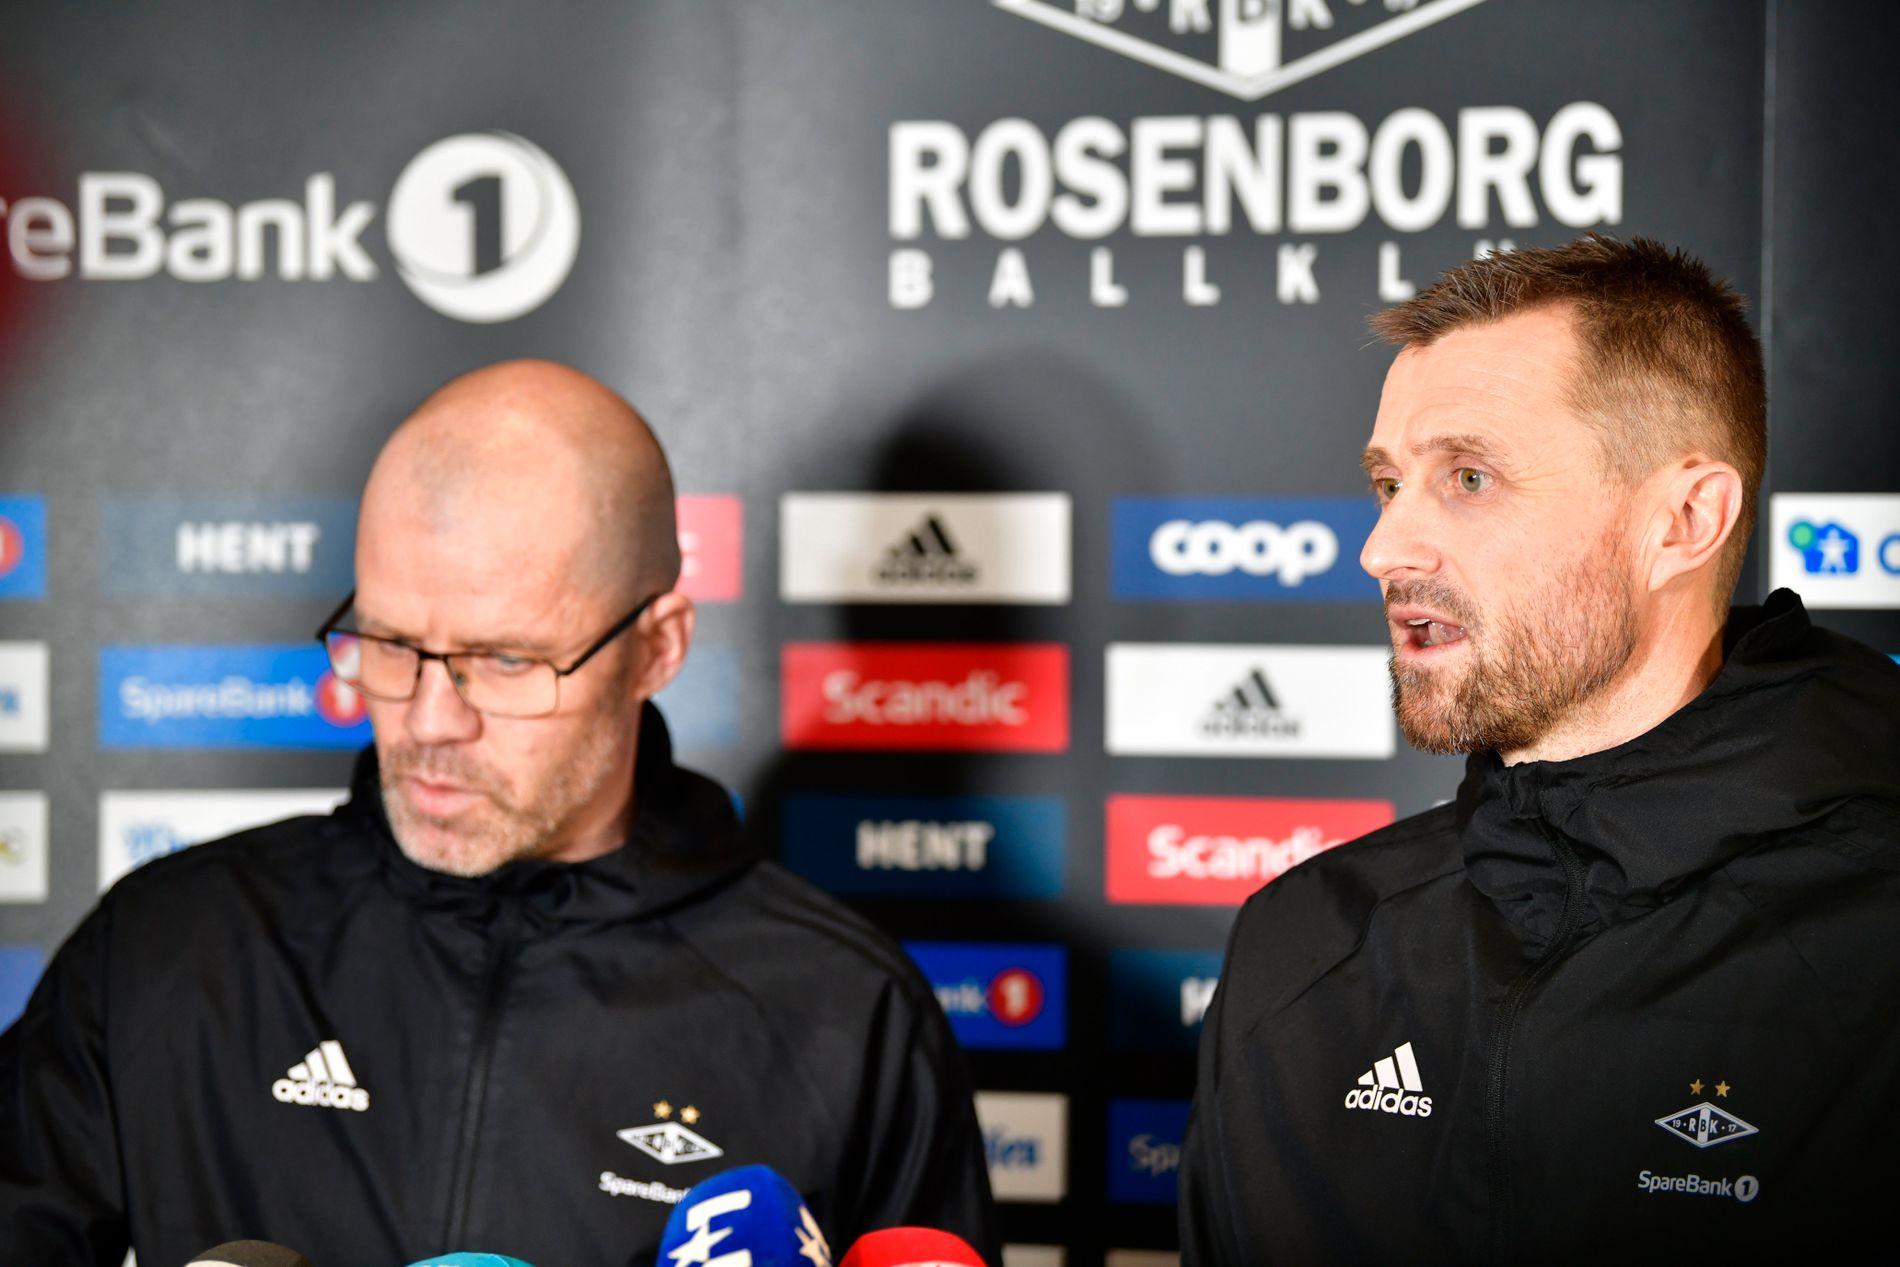 HAR TILLIT: Det sier sportslig leder i Rosenborg, Stig Inge Bjørnebye, om Eirik Horneland. Her er duoen under presentasjonen av sistnevnte som RBK-trener i januar.